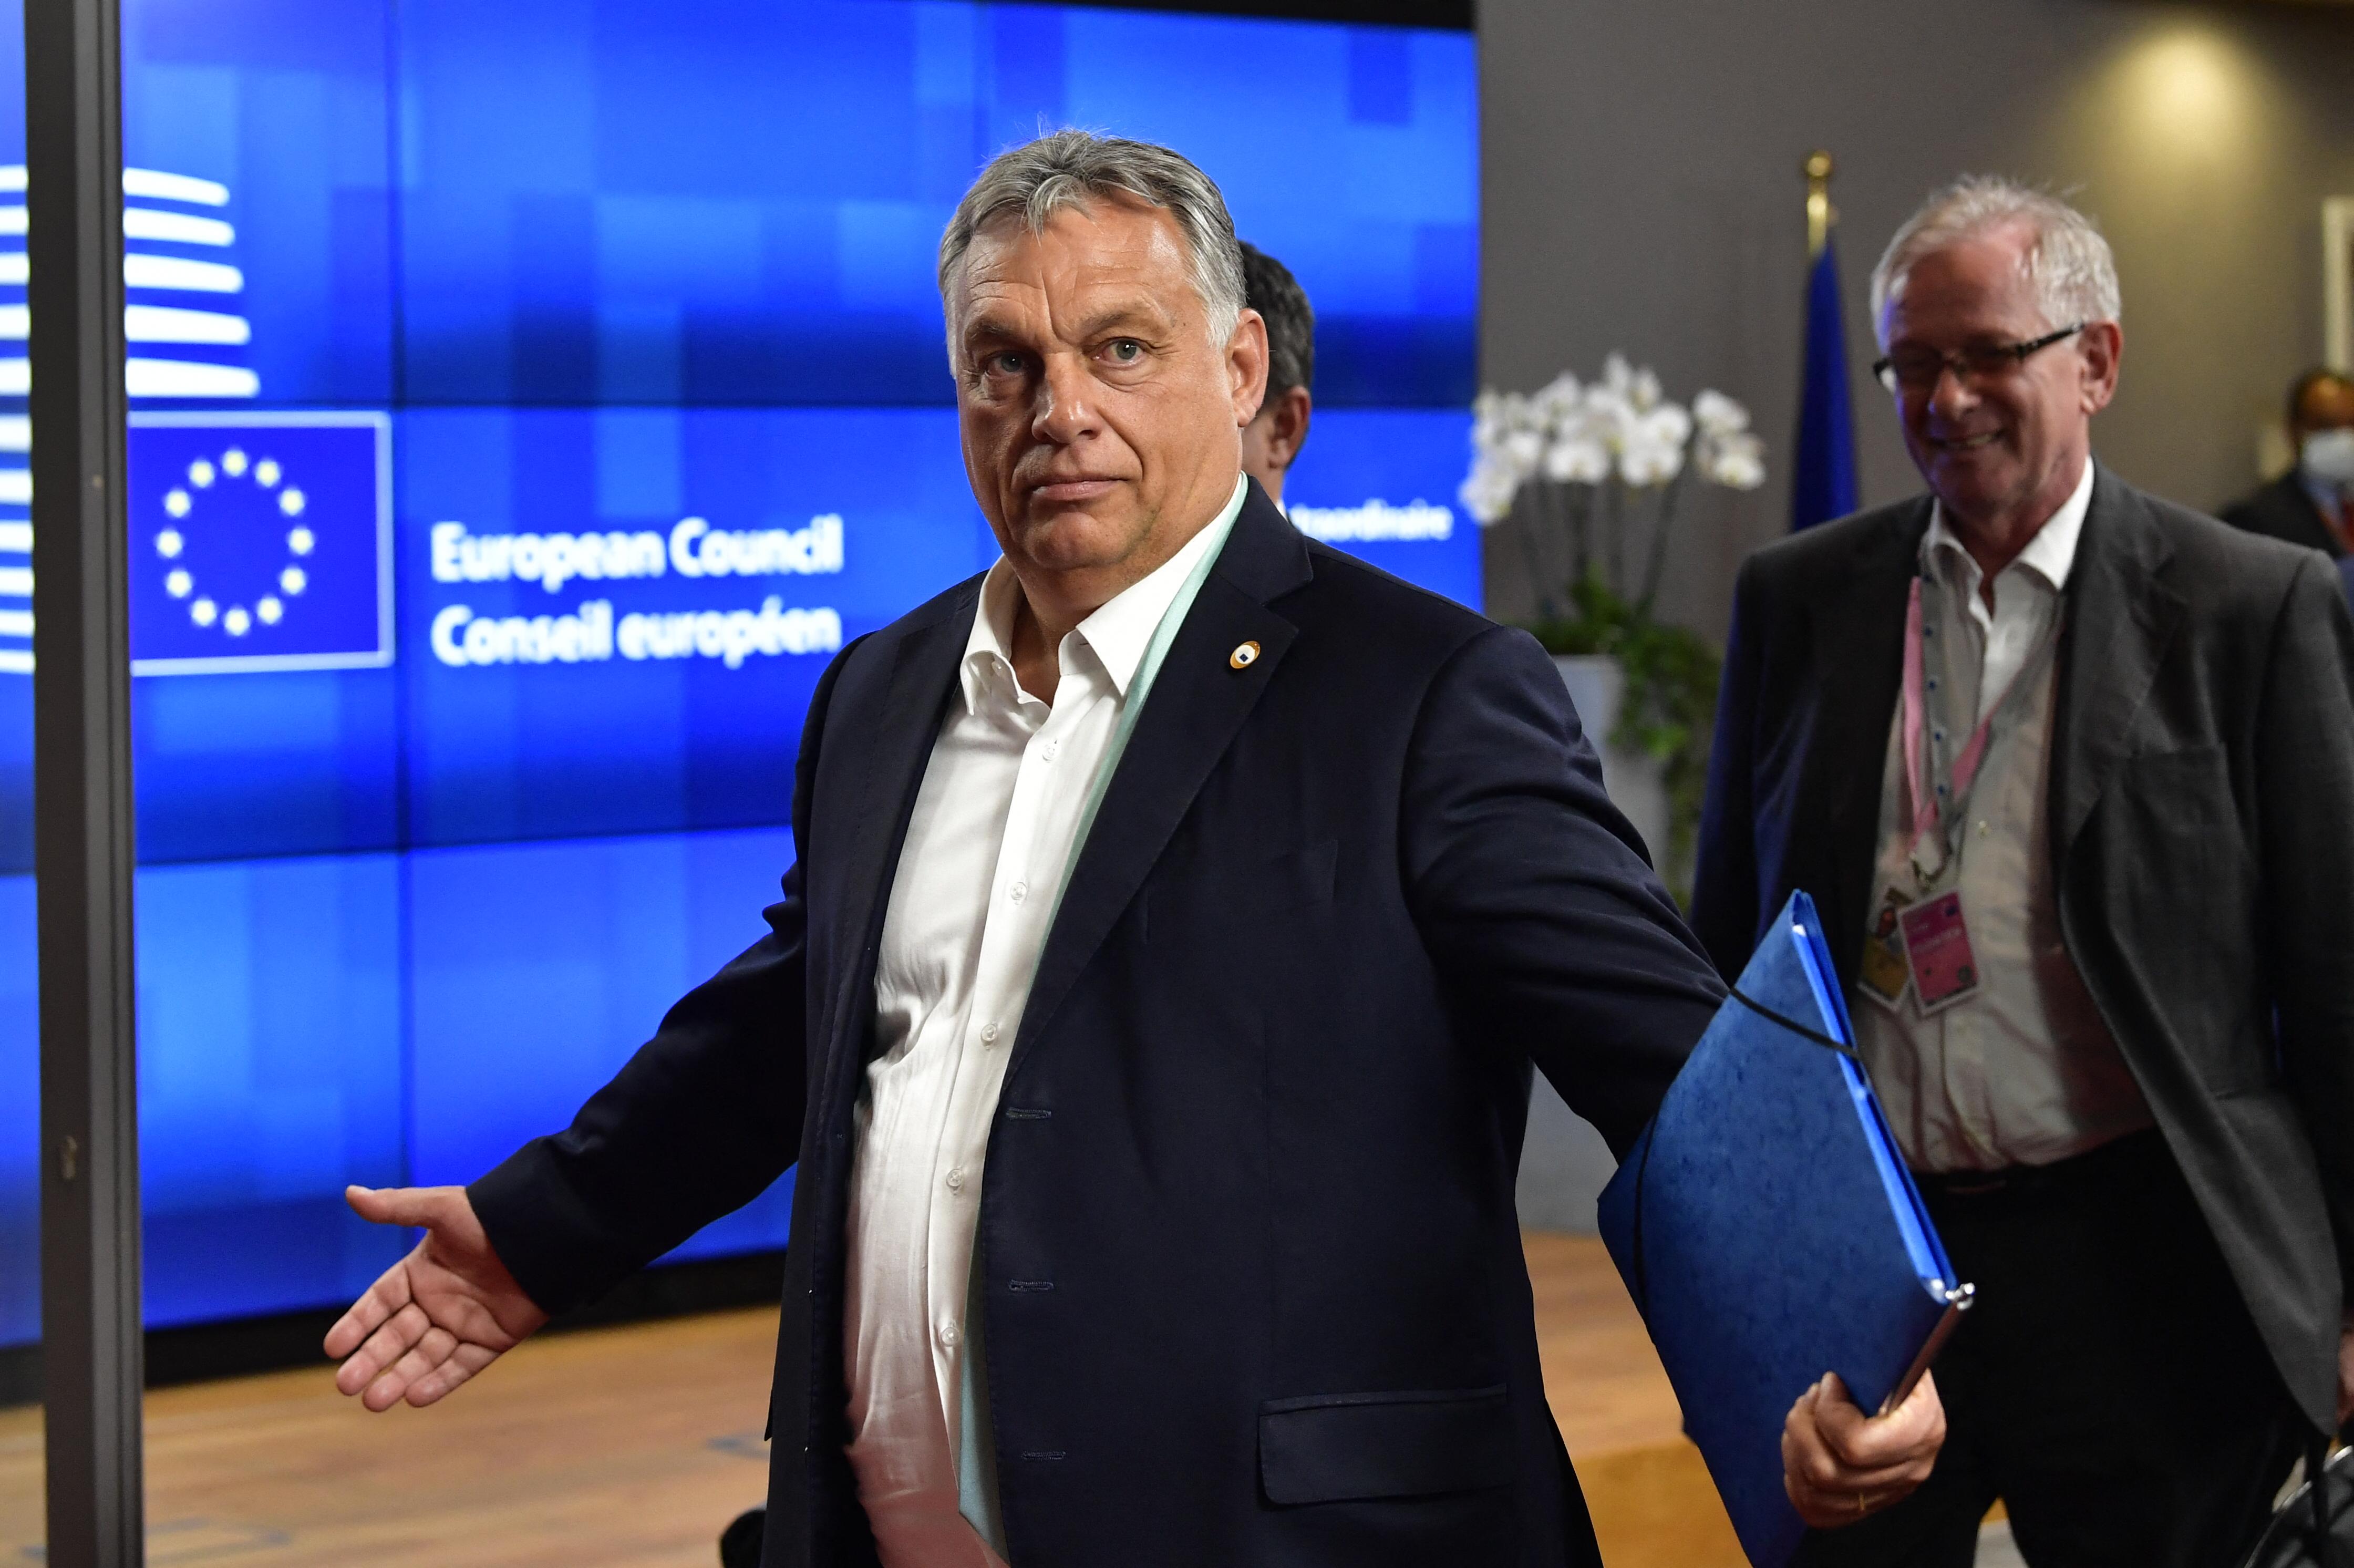 Durvul a kampány: az ellenzéki pártok miniszterelnök-jelöltjei közös levelet írtak az uniós vezetőknek Orbán miatt